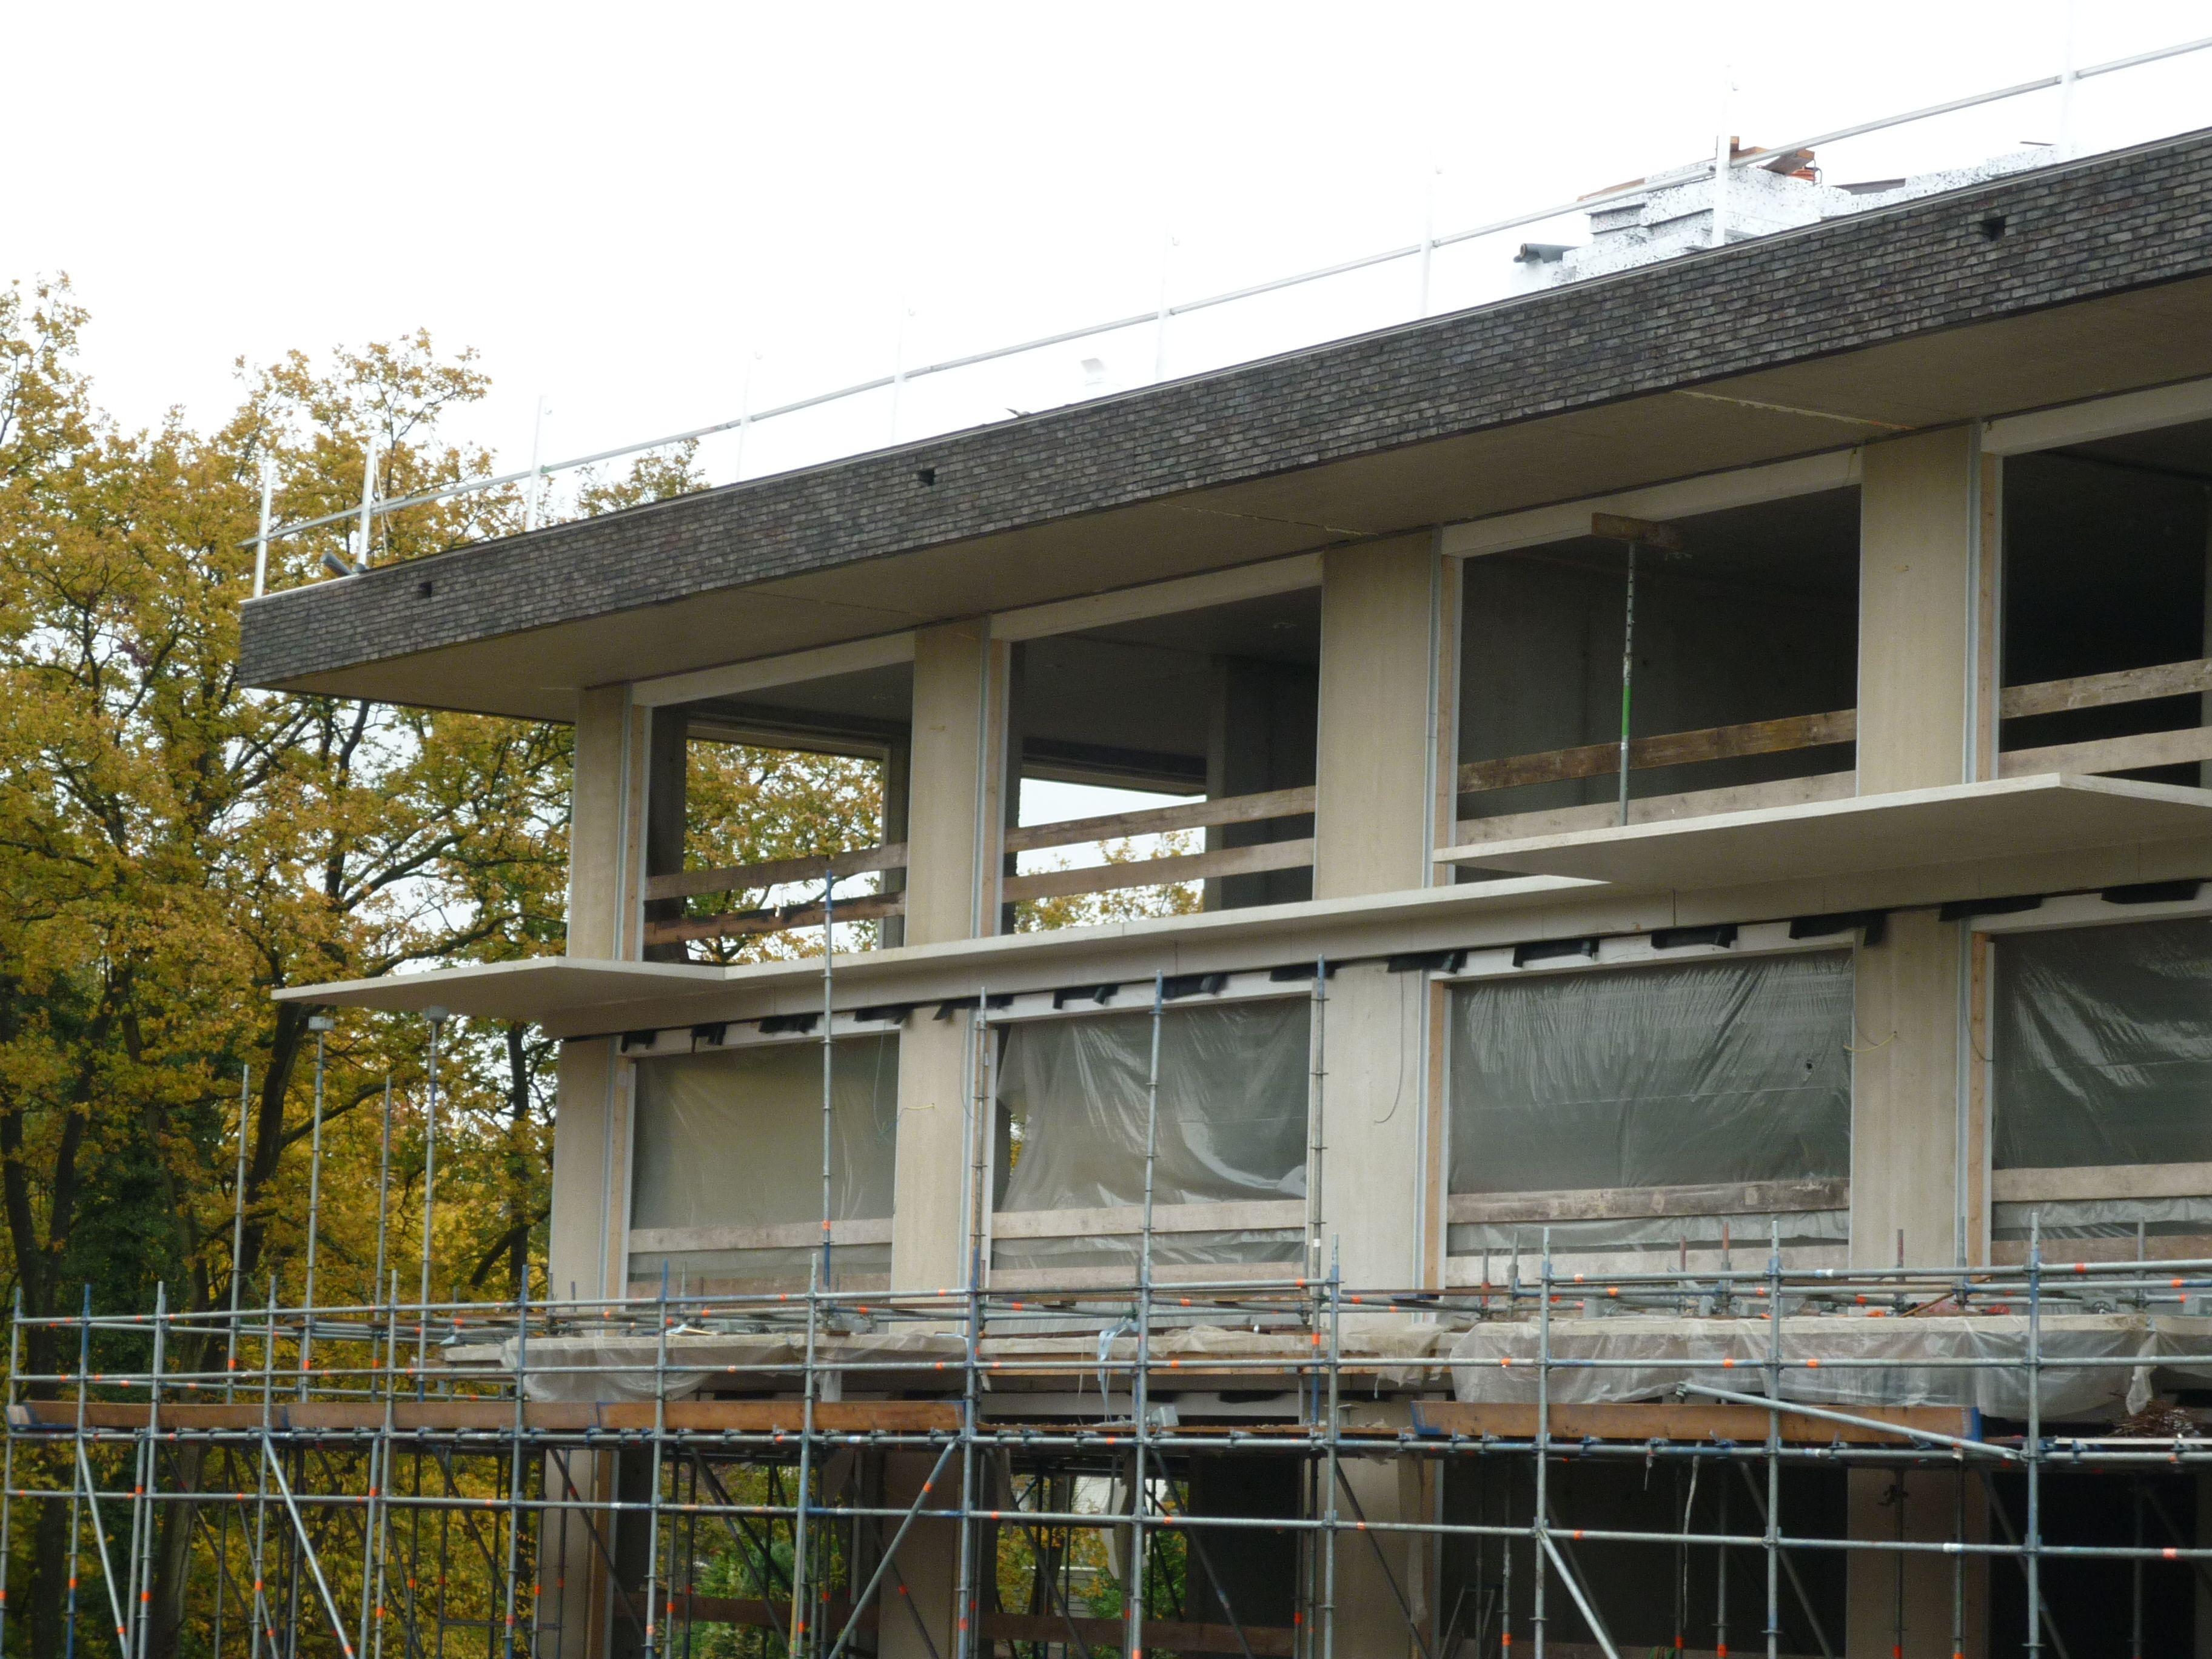 Huizen het Oosten, ultraslanke balkonplaten in UHPC